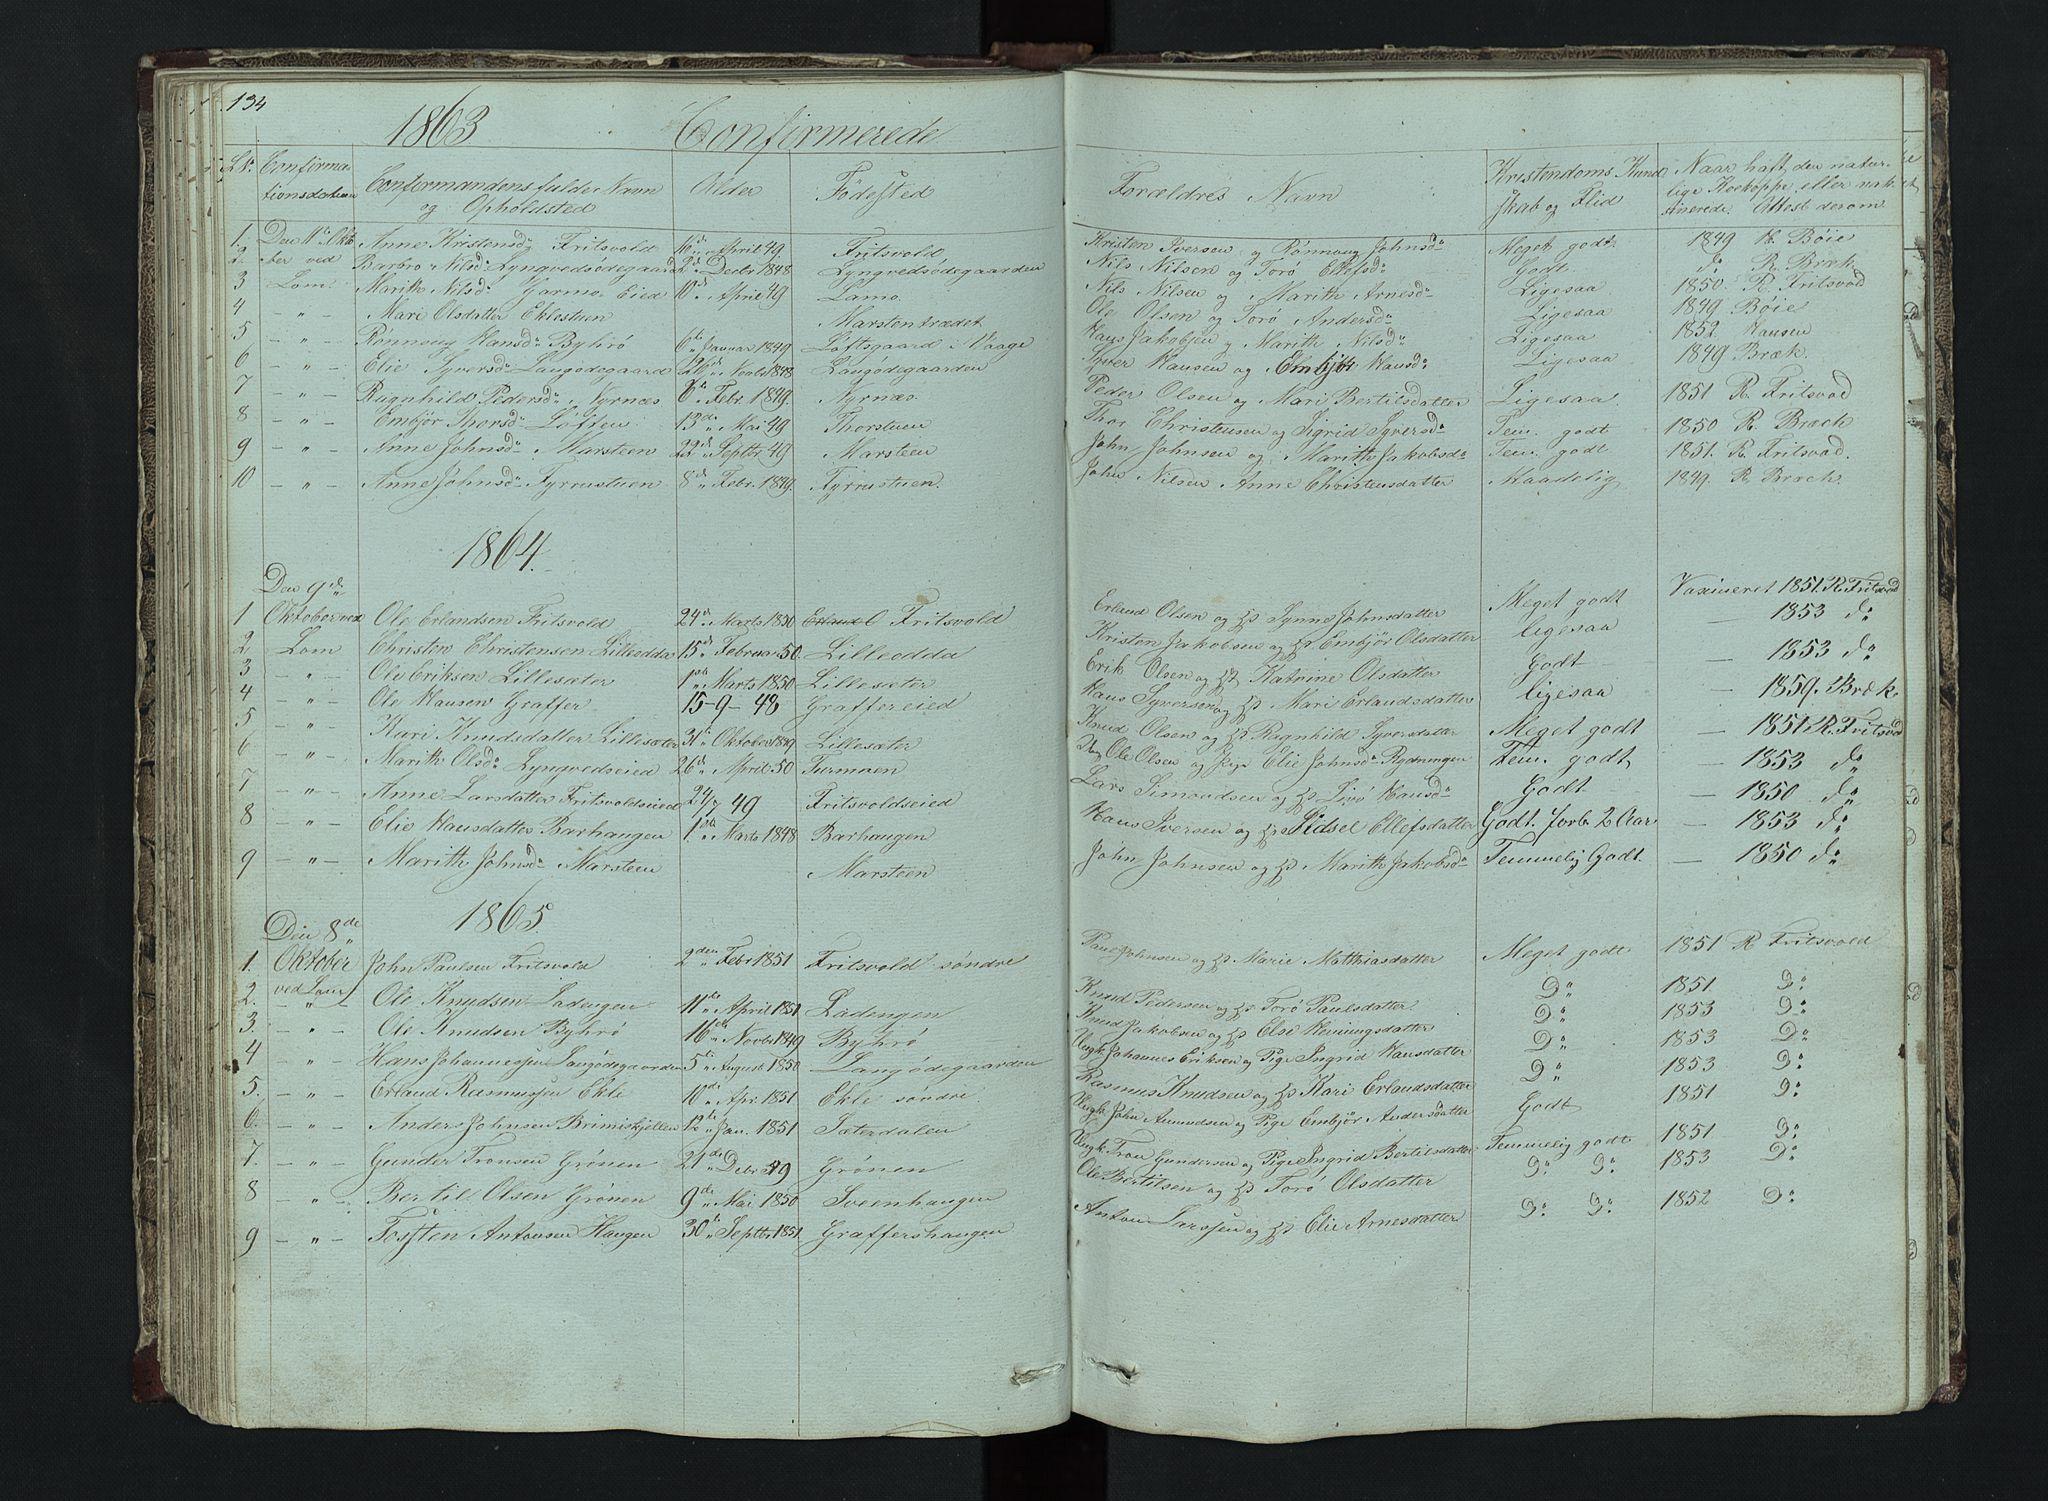 SAH, Lom prestekontor, L/L0014: Klokkerbok nr. 14, 1845-1876, s. 134-135